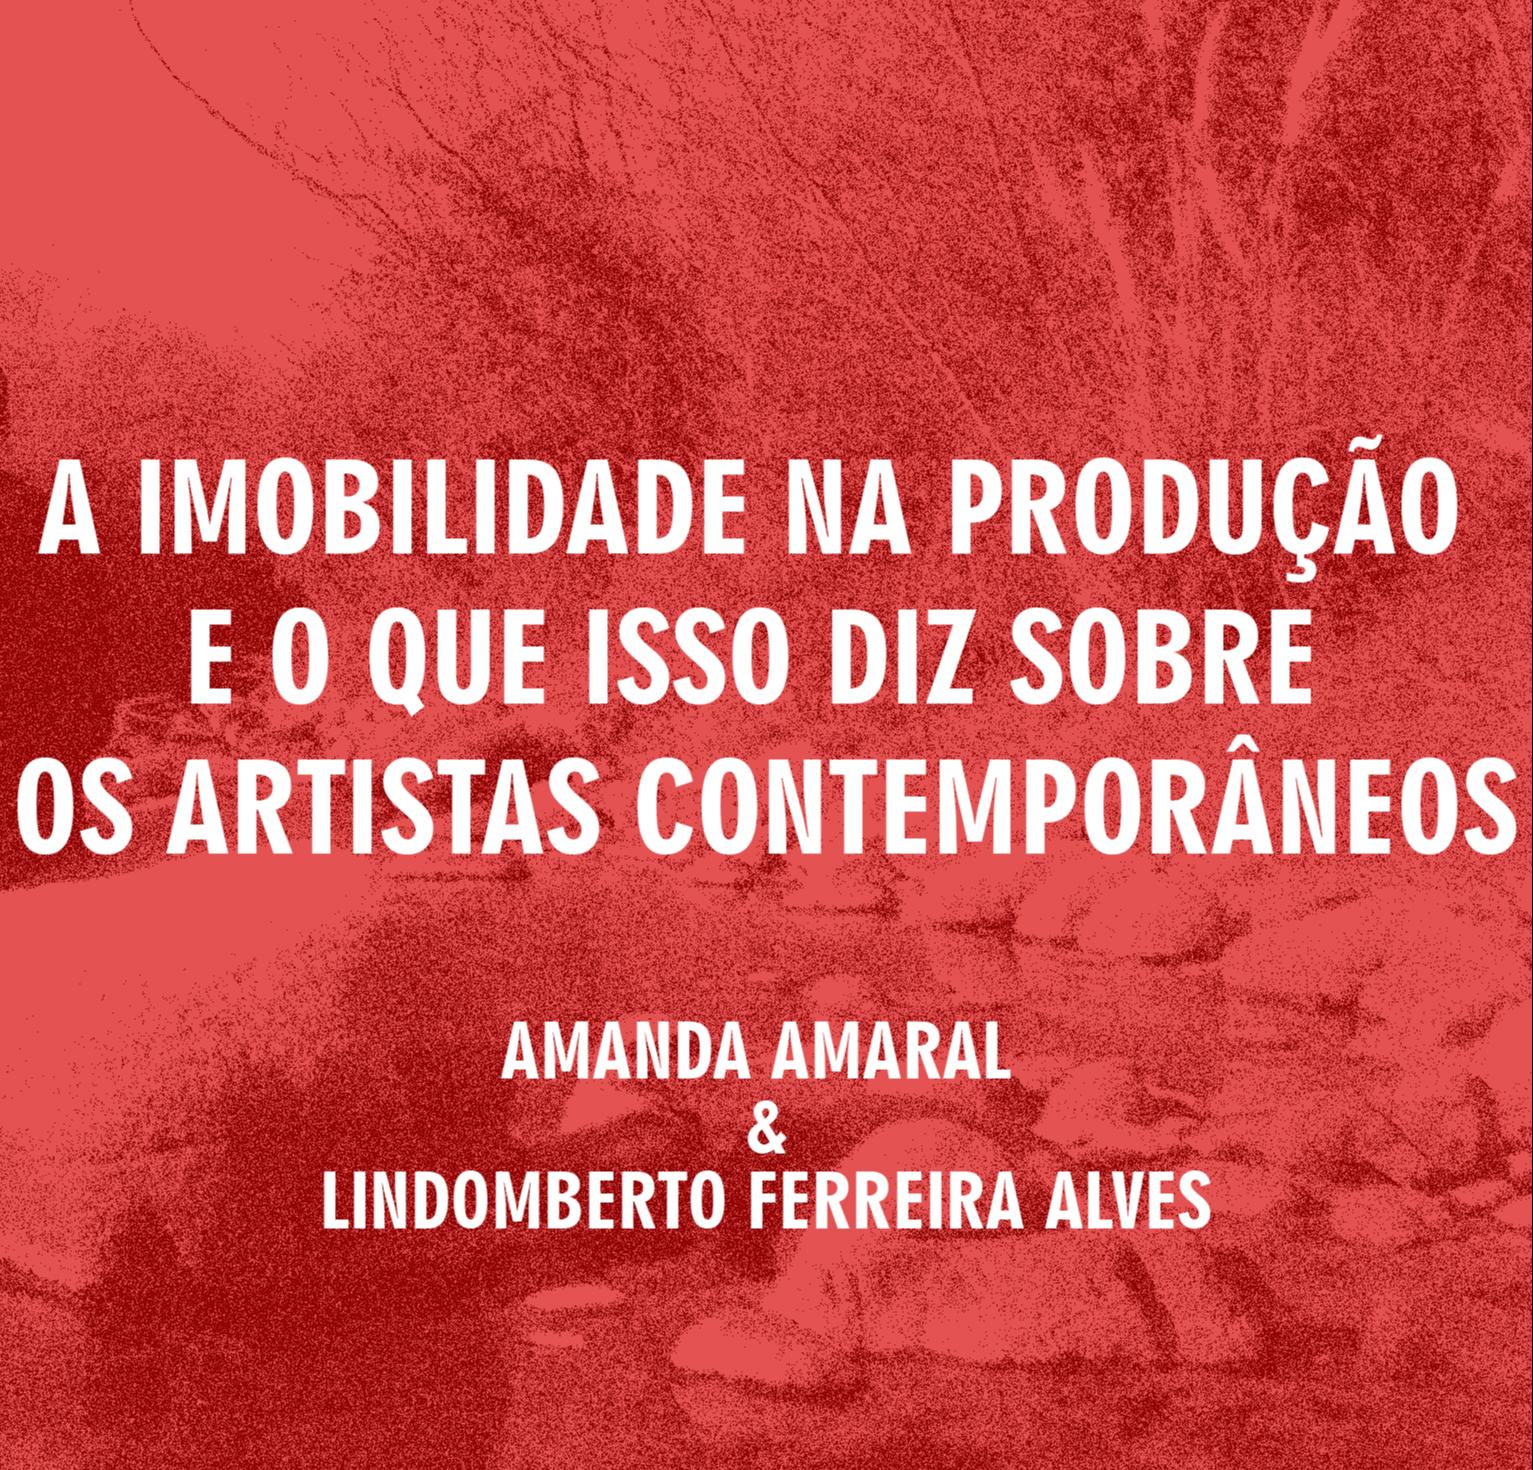 A imobilidade na produção e o que isso diz sobre os artistas contemporâneos - Amanda Amaral & Lindomberto Ferreira Alves